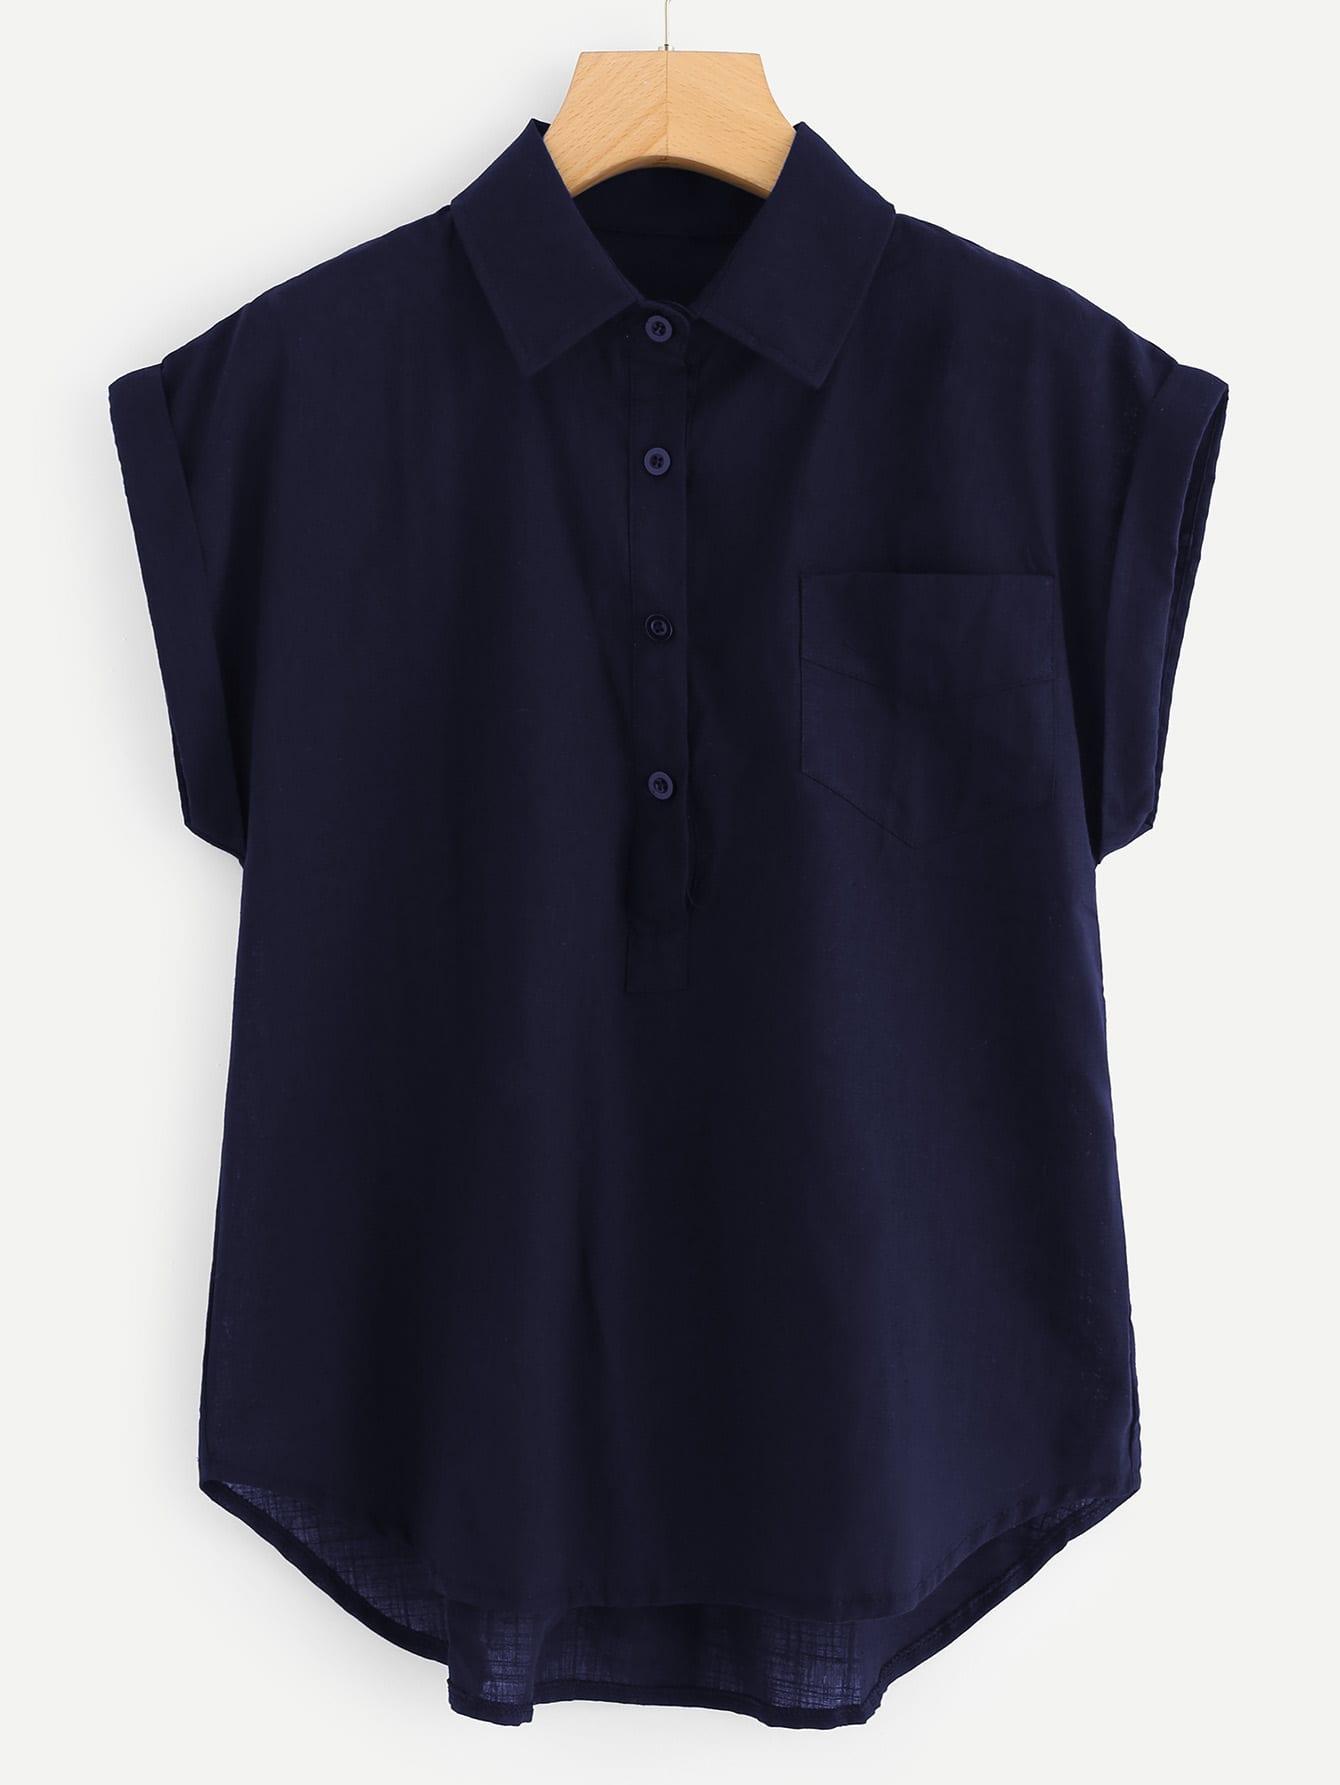 Купить Повседневный Одноцветный Пуговица Темно синий Блузы+рубашки, null, SheIn